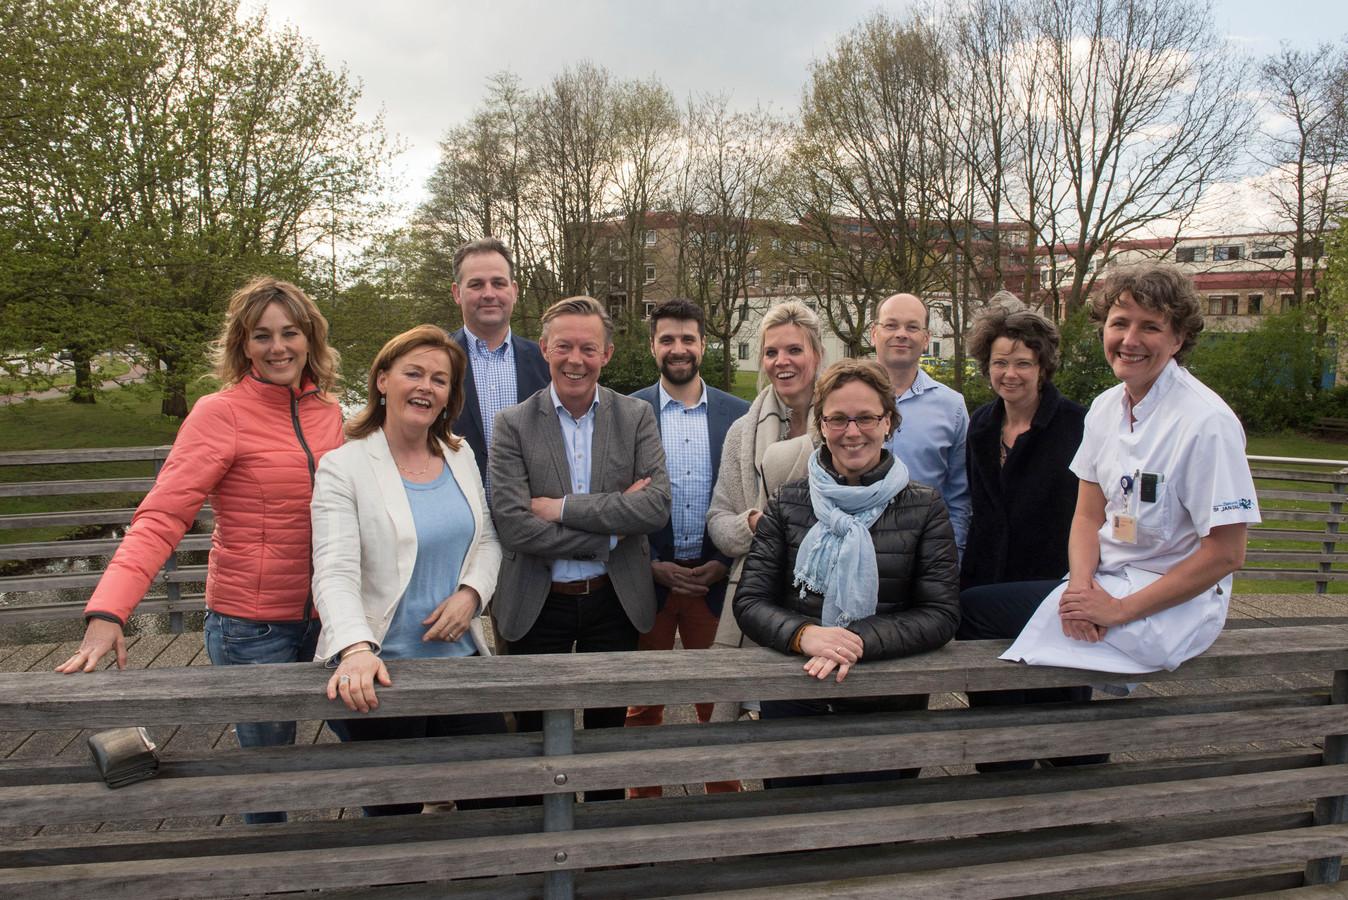 Stichting 'Ik Stop Ermee', Gemeente Harderwijk, Ziekenhuis St Jansdal en zorggroep Medicamus slaan de handen ineen om rokers van hun verslaving af te helpen. Aanwezig was ook Marianne Timmer (links).